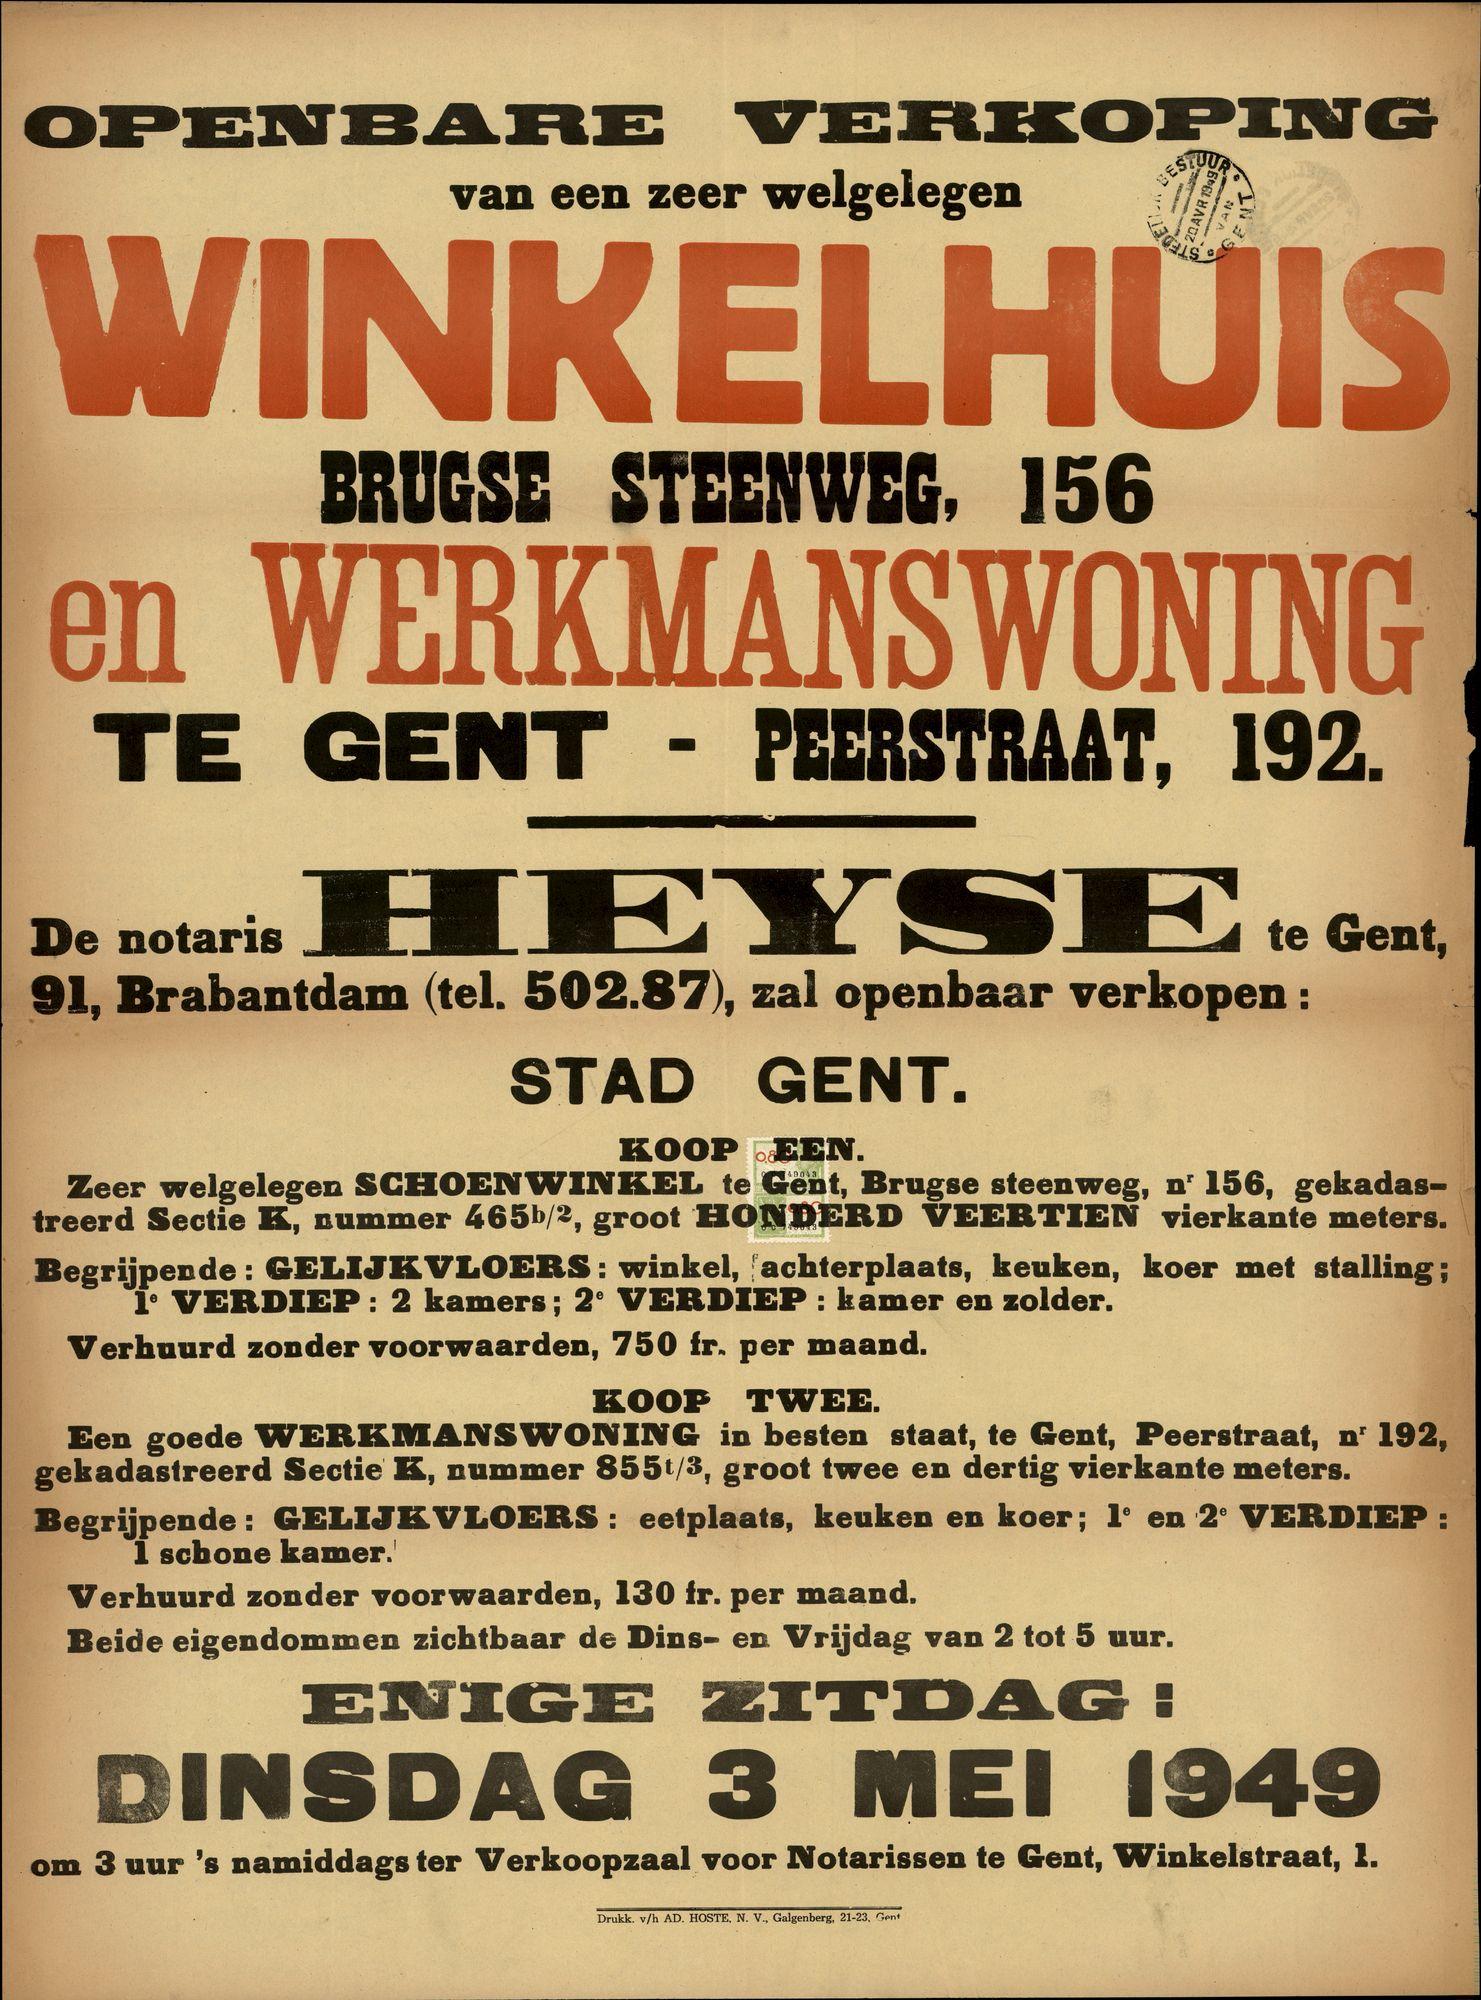 Openbare verkoop van een zeer welgelegen winkelhuis, Brugse Steenweg, nr.156 (Brugsesteenweg) en werkmanswoning te Gent, Peerstraat, nr.192, Gent, 3 mei 1949